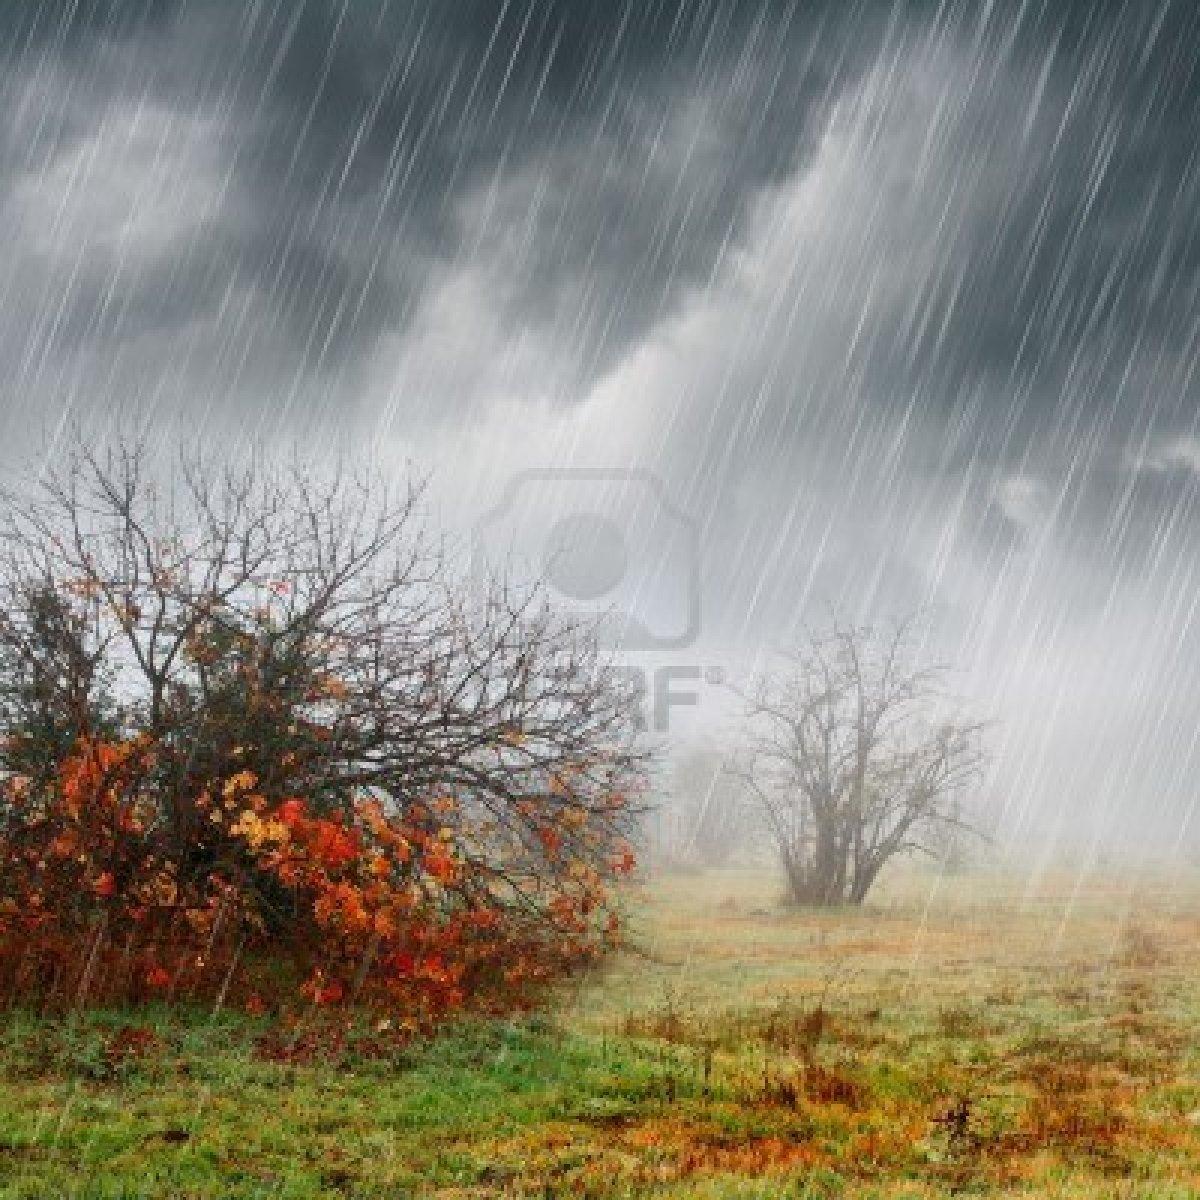 5250712-dag-met-stormachtige-herfst-mist-regen-vallen-kleuren-en-donkere-wolken